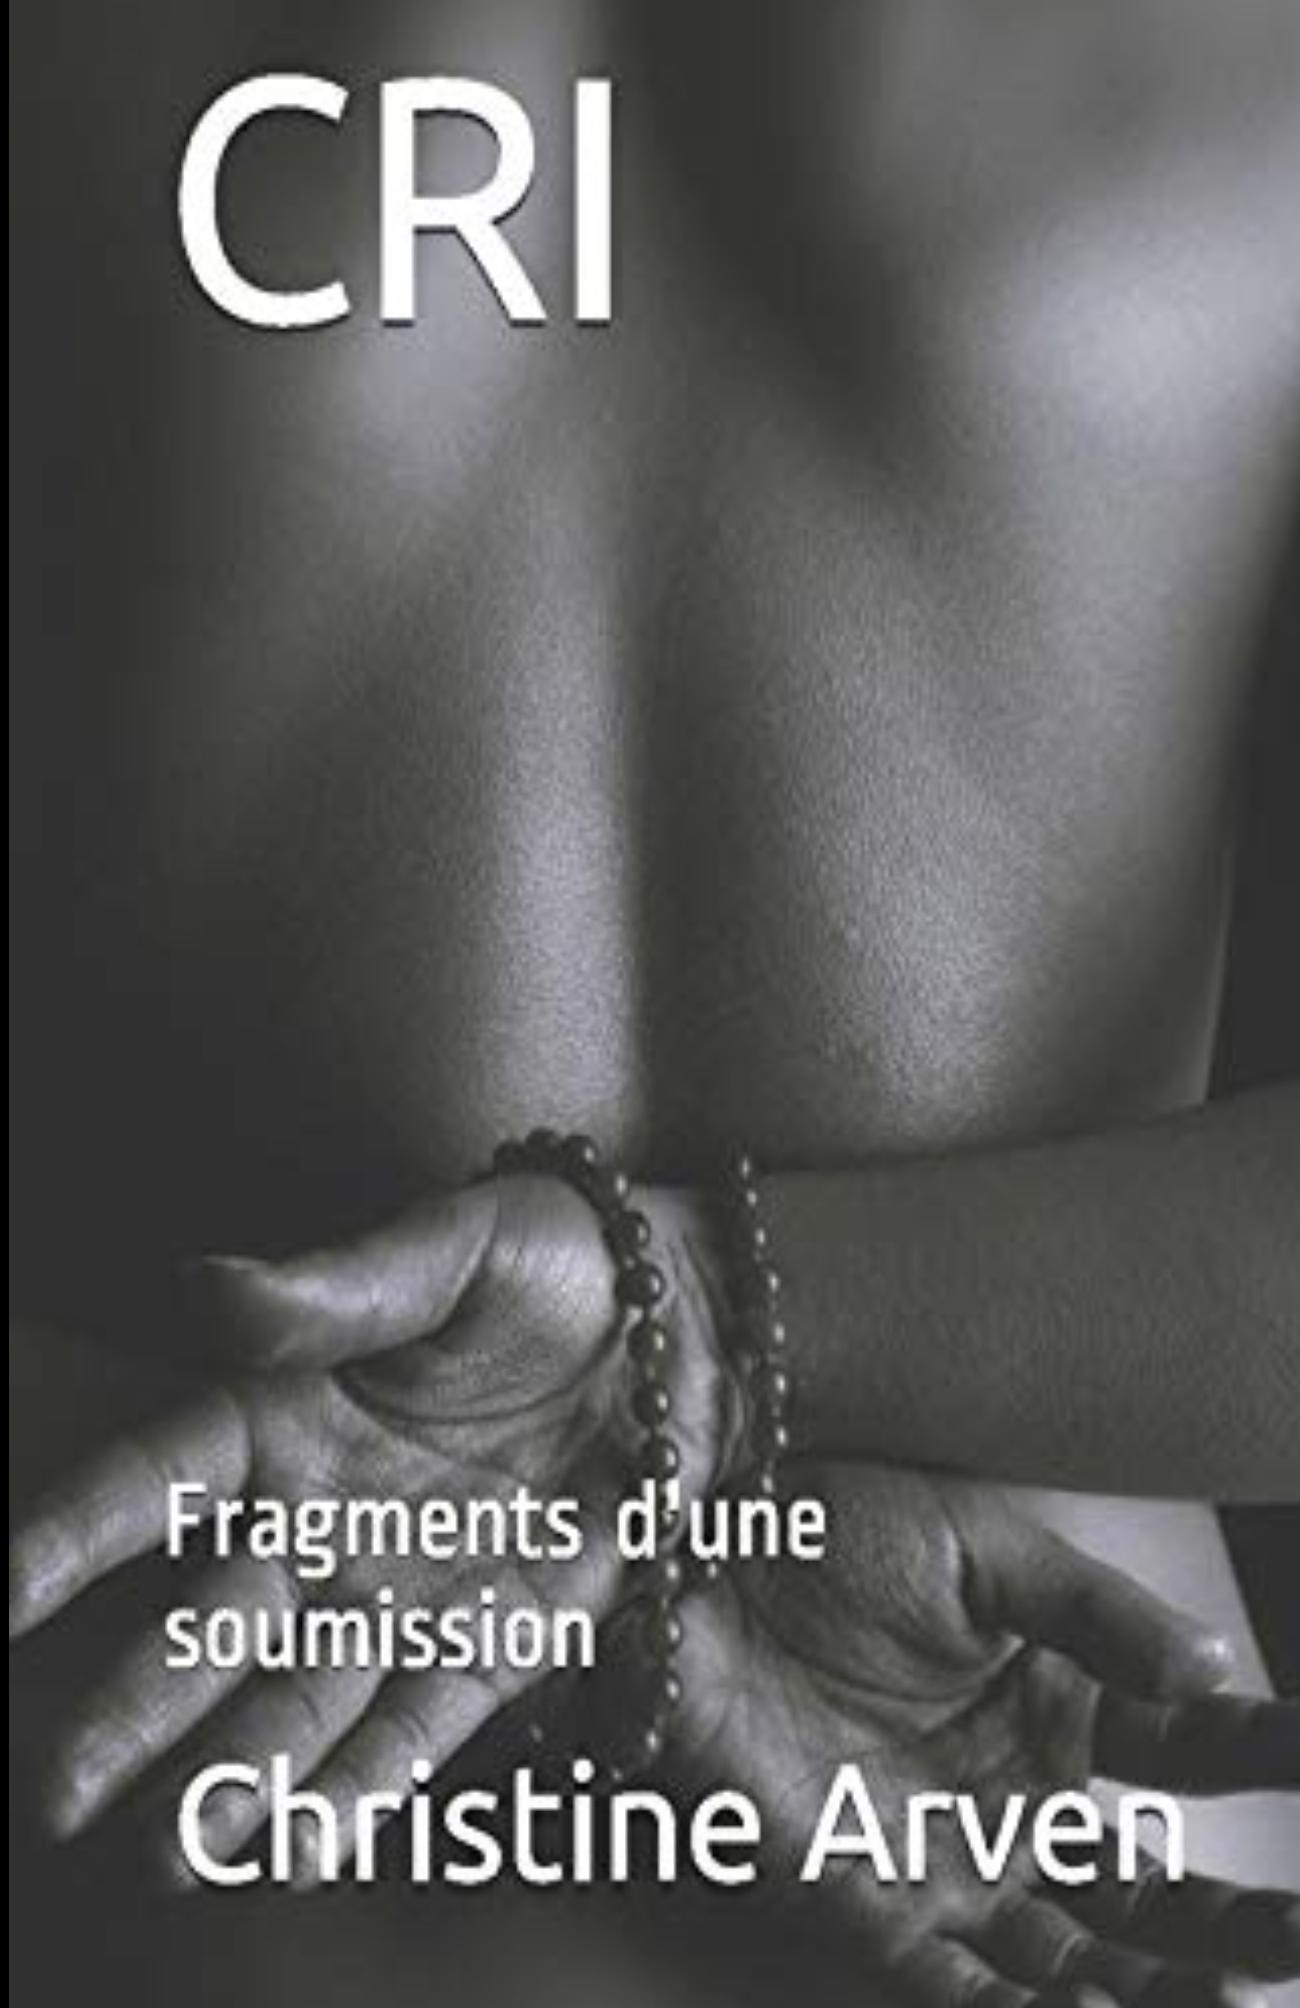 CRI: Fragments d'une soumission